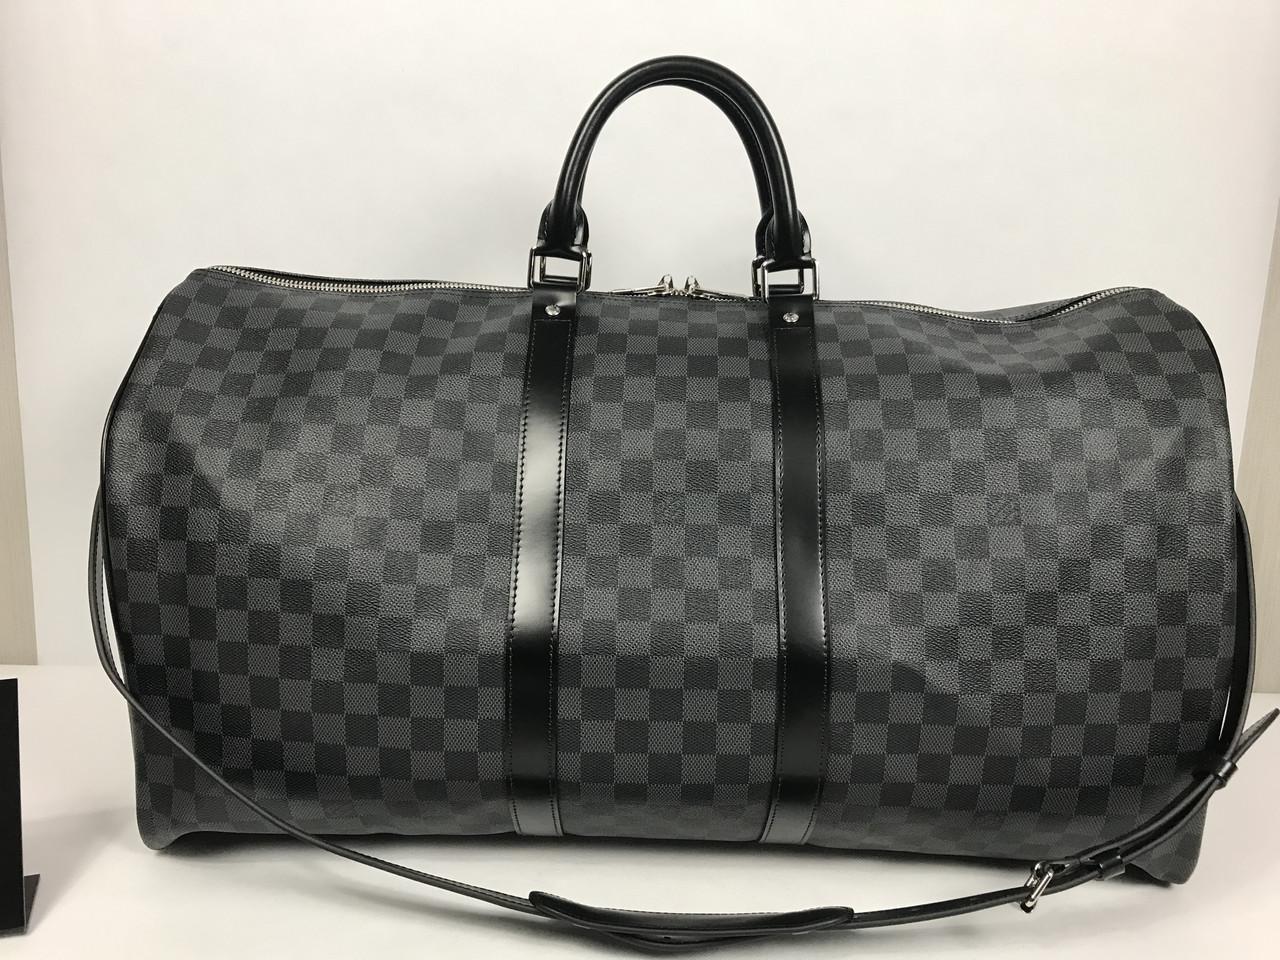 Сумка дорожная Louis Vuitton Keepall New, цена 10 990 грн., купить ... dd9f1b90c00